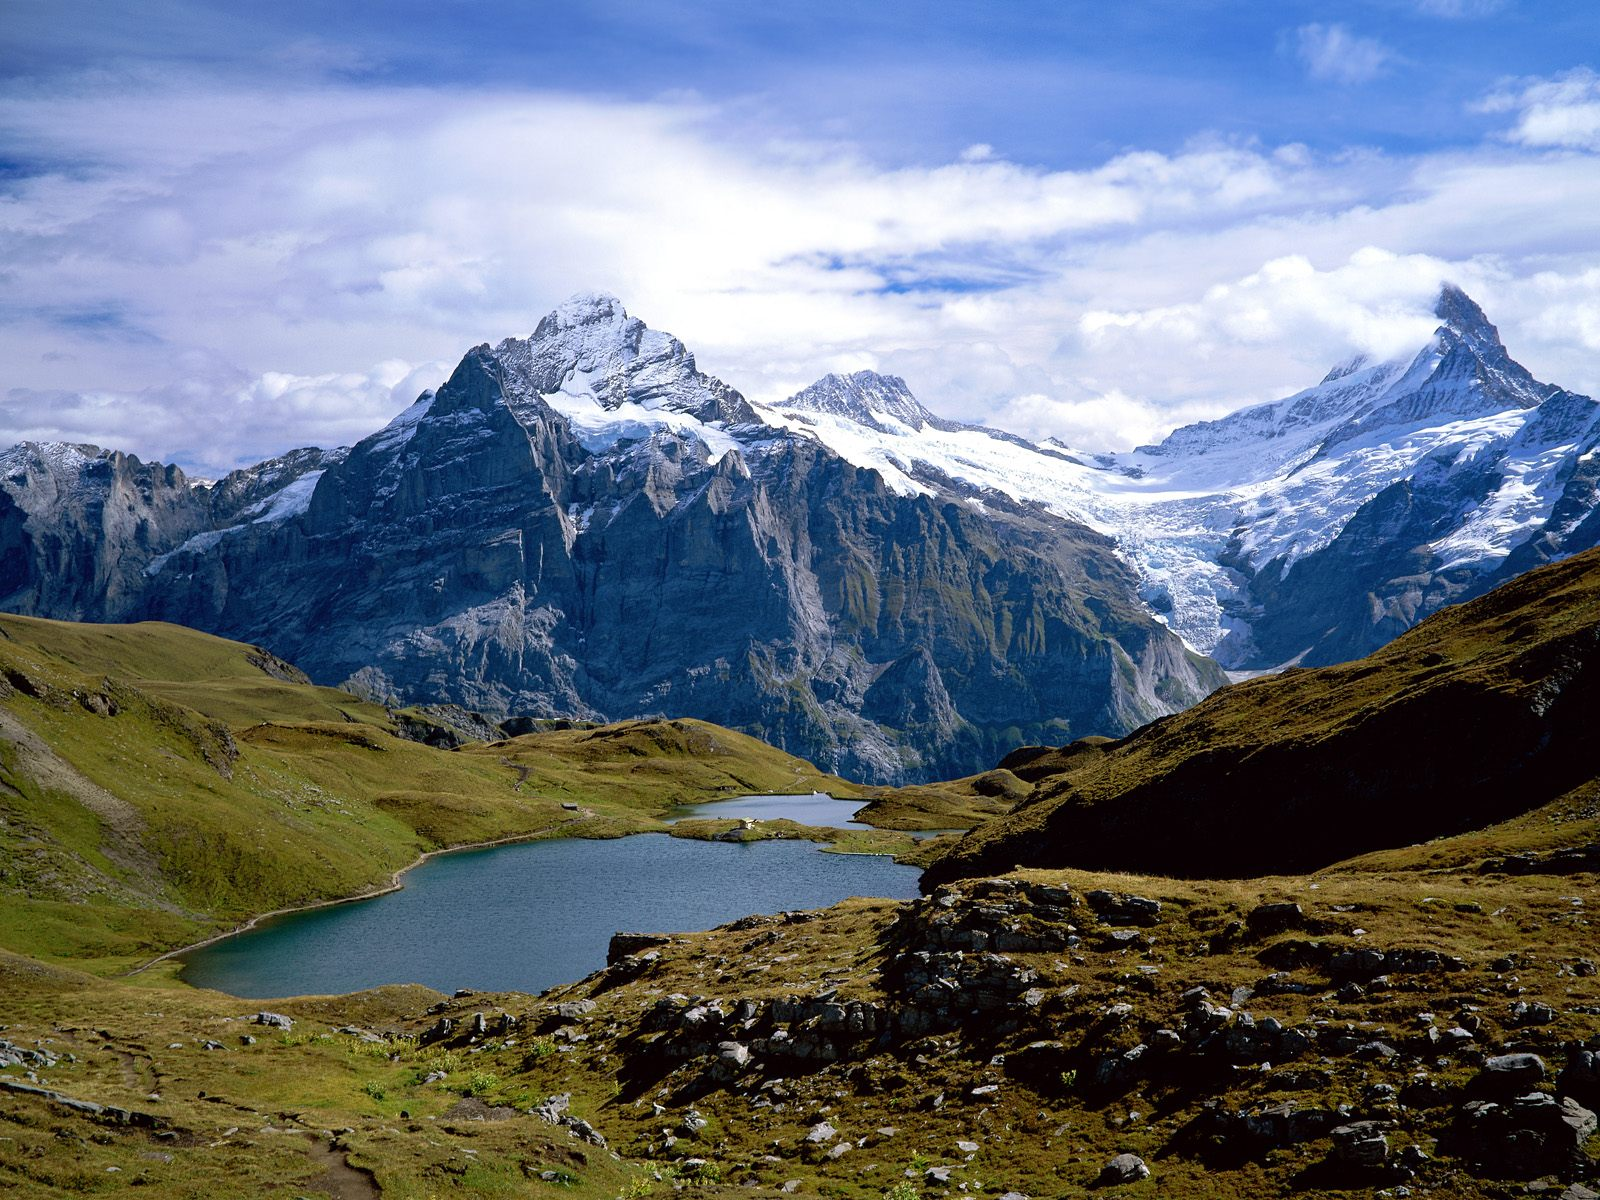 视觉大餐-美丽山水风景 - 沉默是金 -   沉默是金de家园